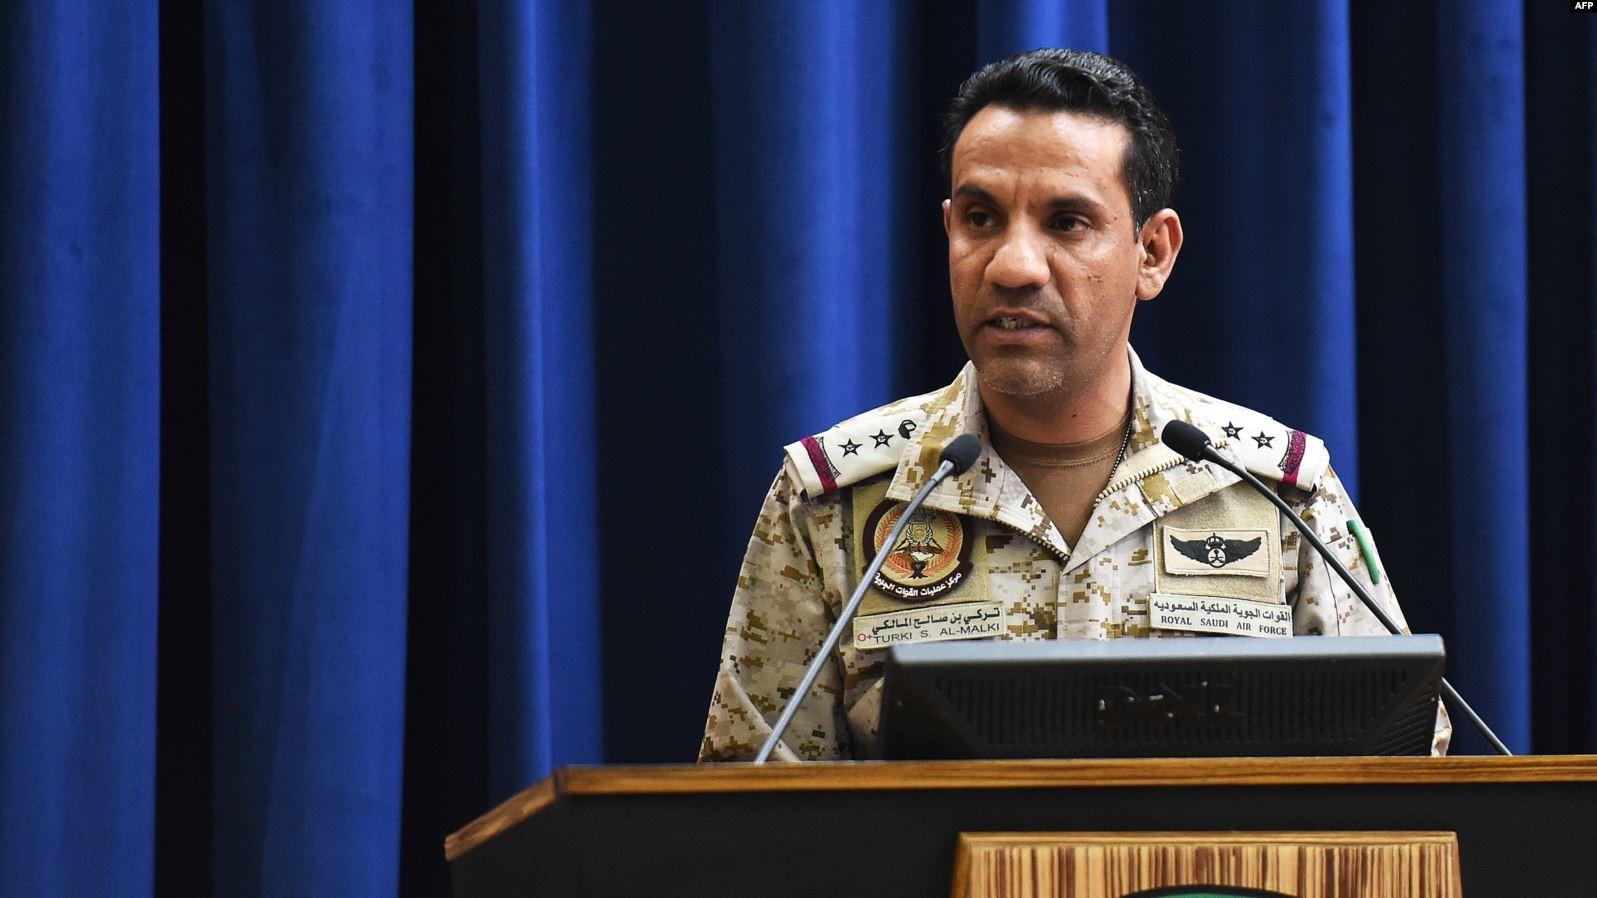 التحالف العربي: تدمير طائرة مسيرة استهدفت مطار نجران